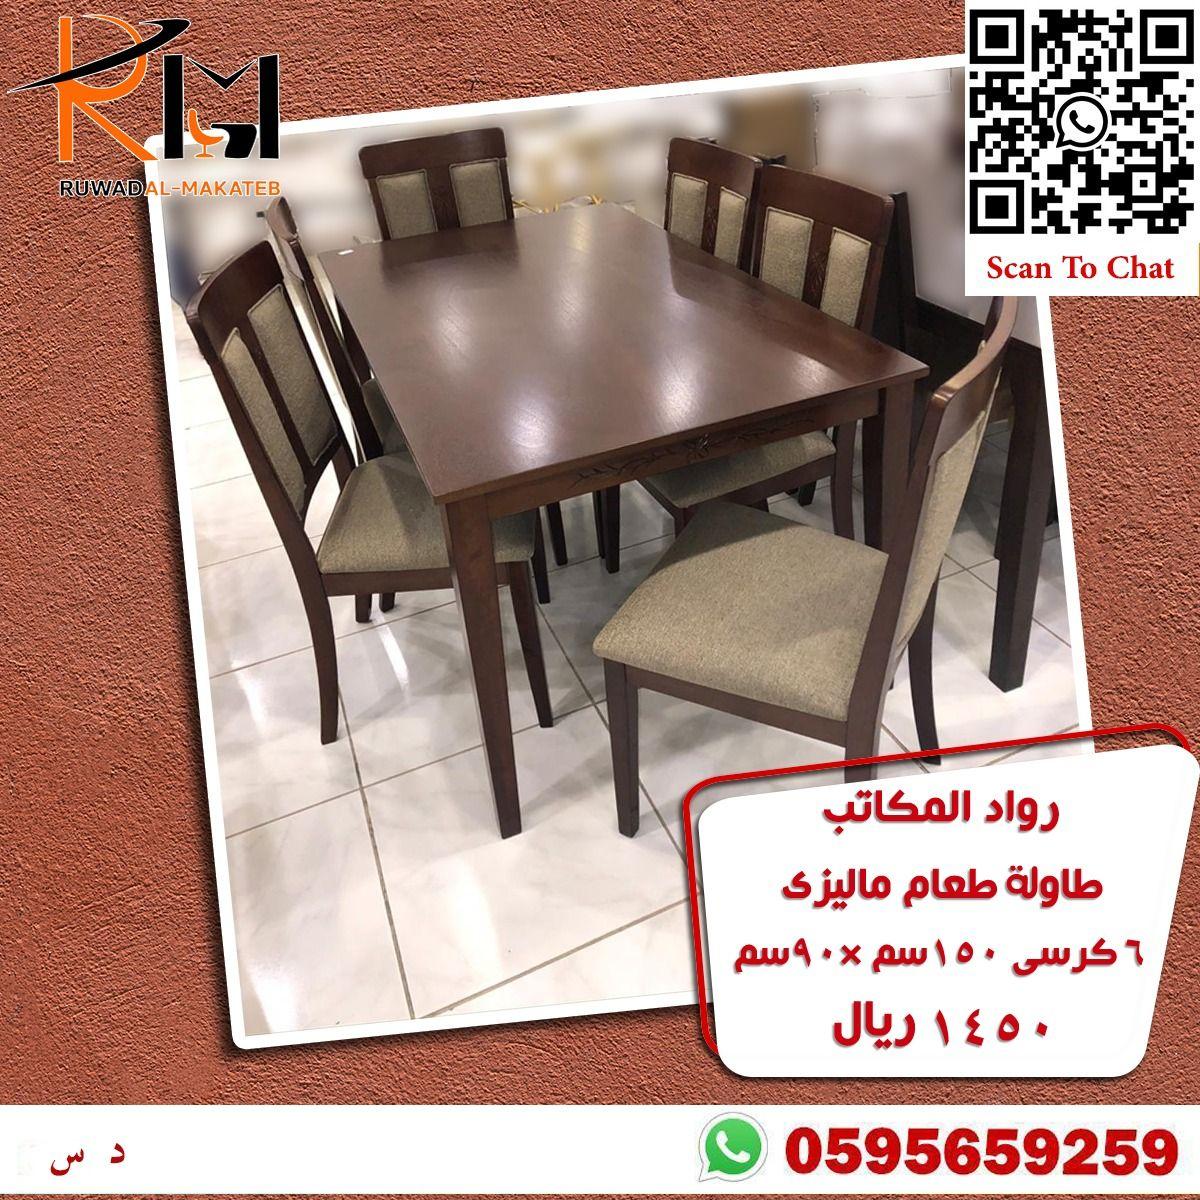 طاولة طعام ٦ كراسي Home Decor Dining Bench Furniture